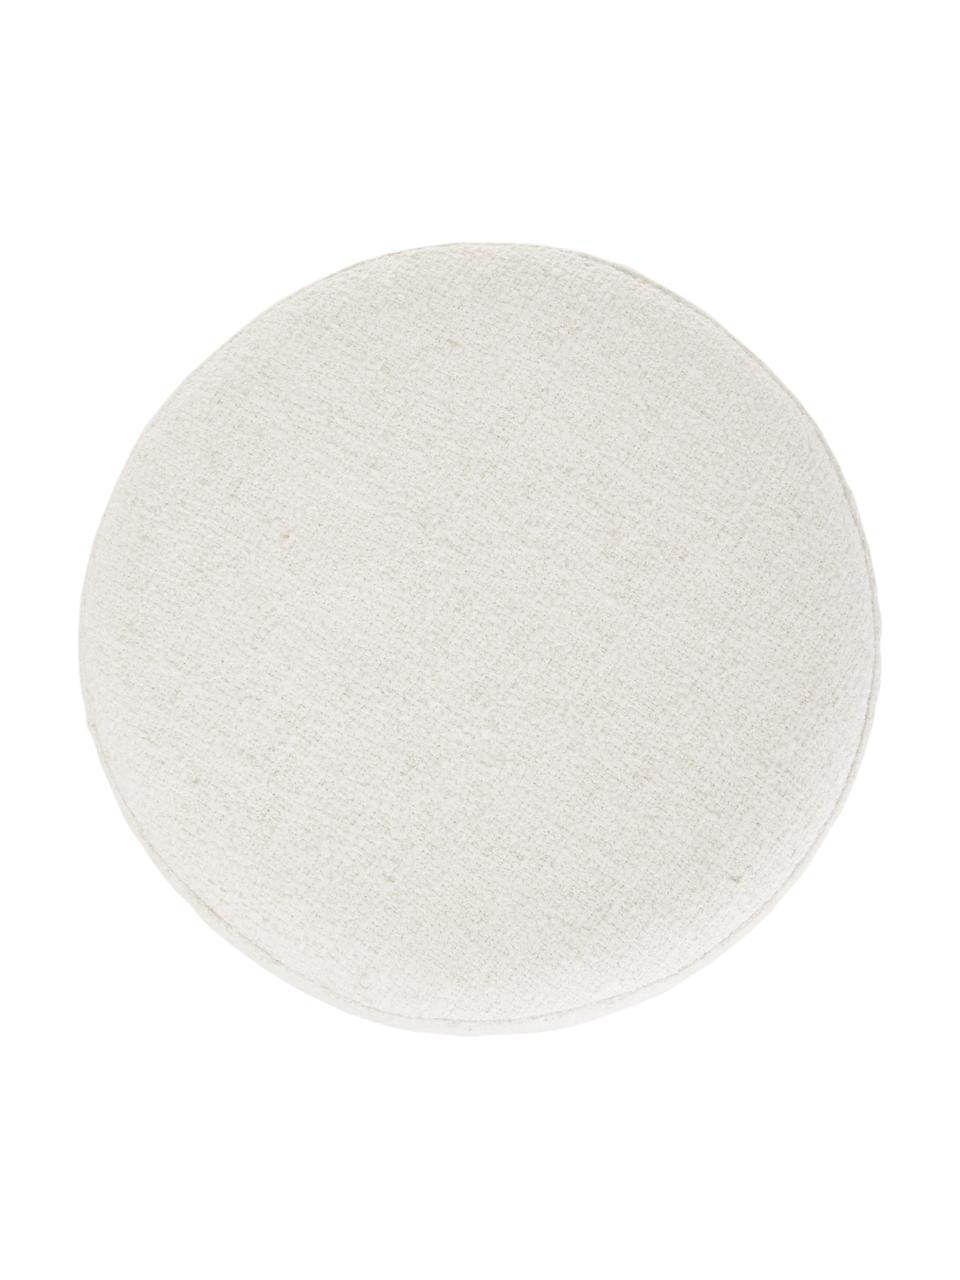 Pouf in bouclé bianco crema Orchid, Rivestimento: Bouclé (70% poliestere, 2, Cornice: compensato, Piedini: metallo verniciato a polv, Bouclé bianco crema, nero, Ø 38 x Alt. 38 cm